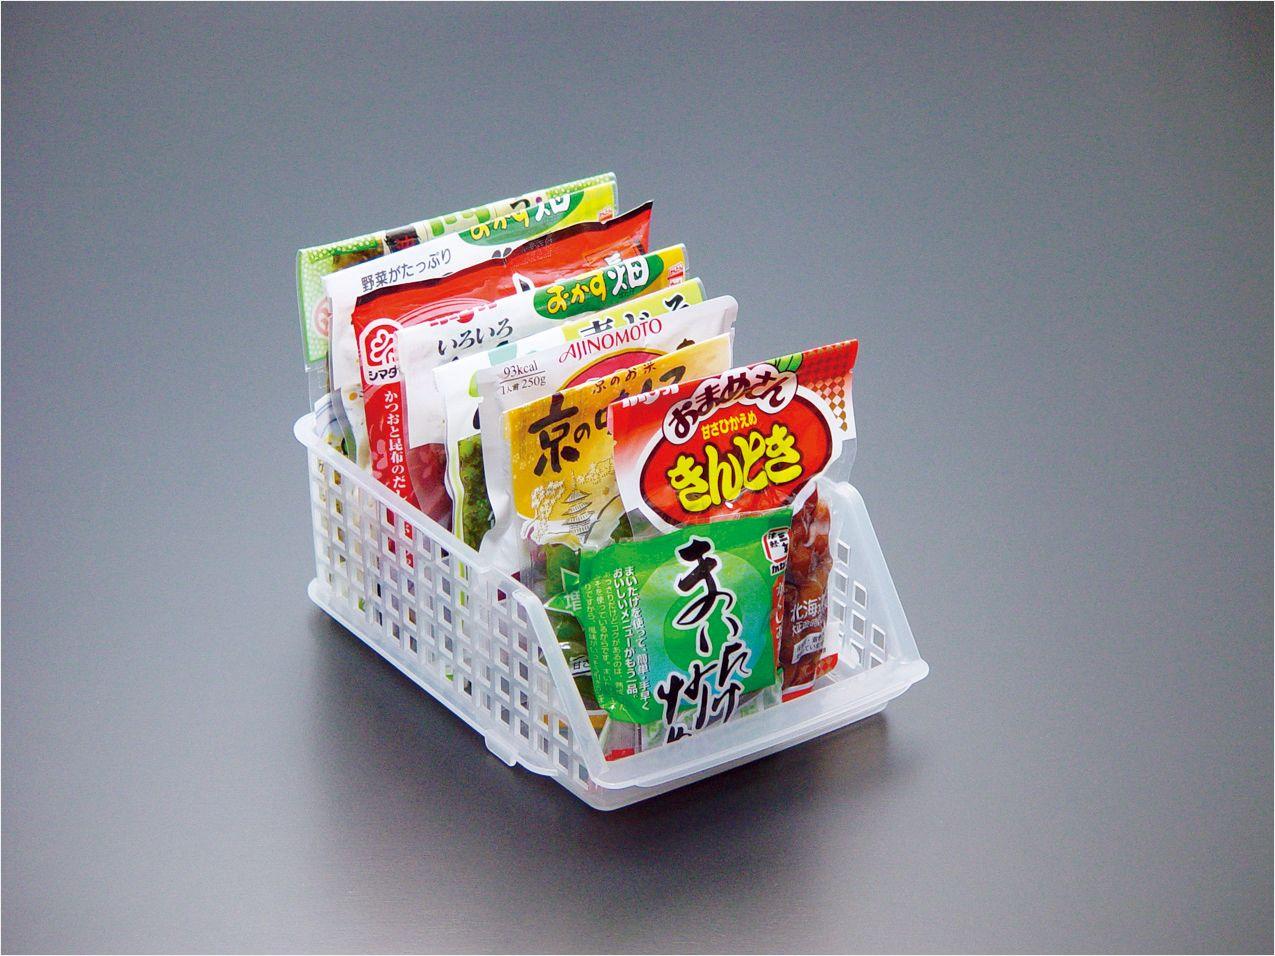 ✪sanada日本进口冰箱收纳 带分格  可叠加 收纳筐